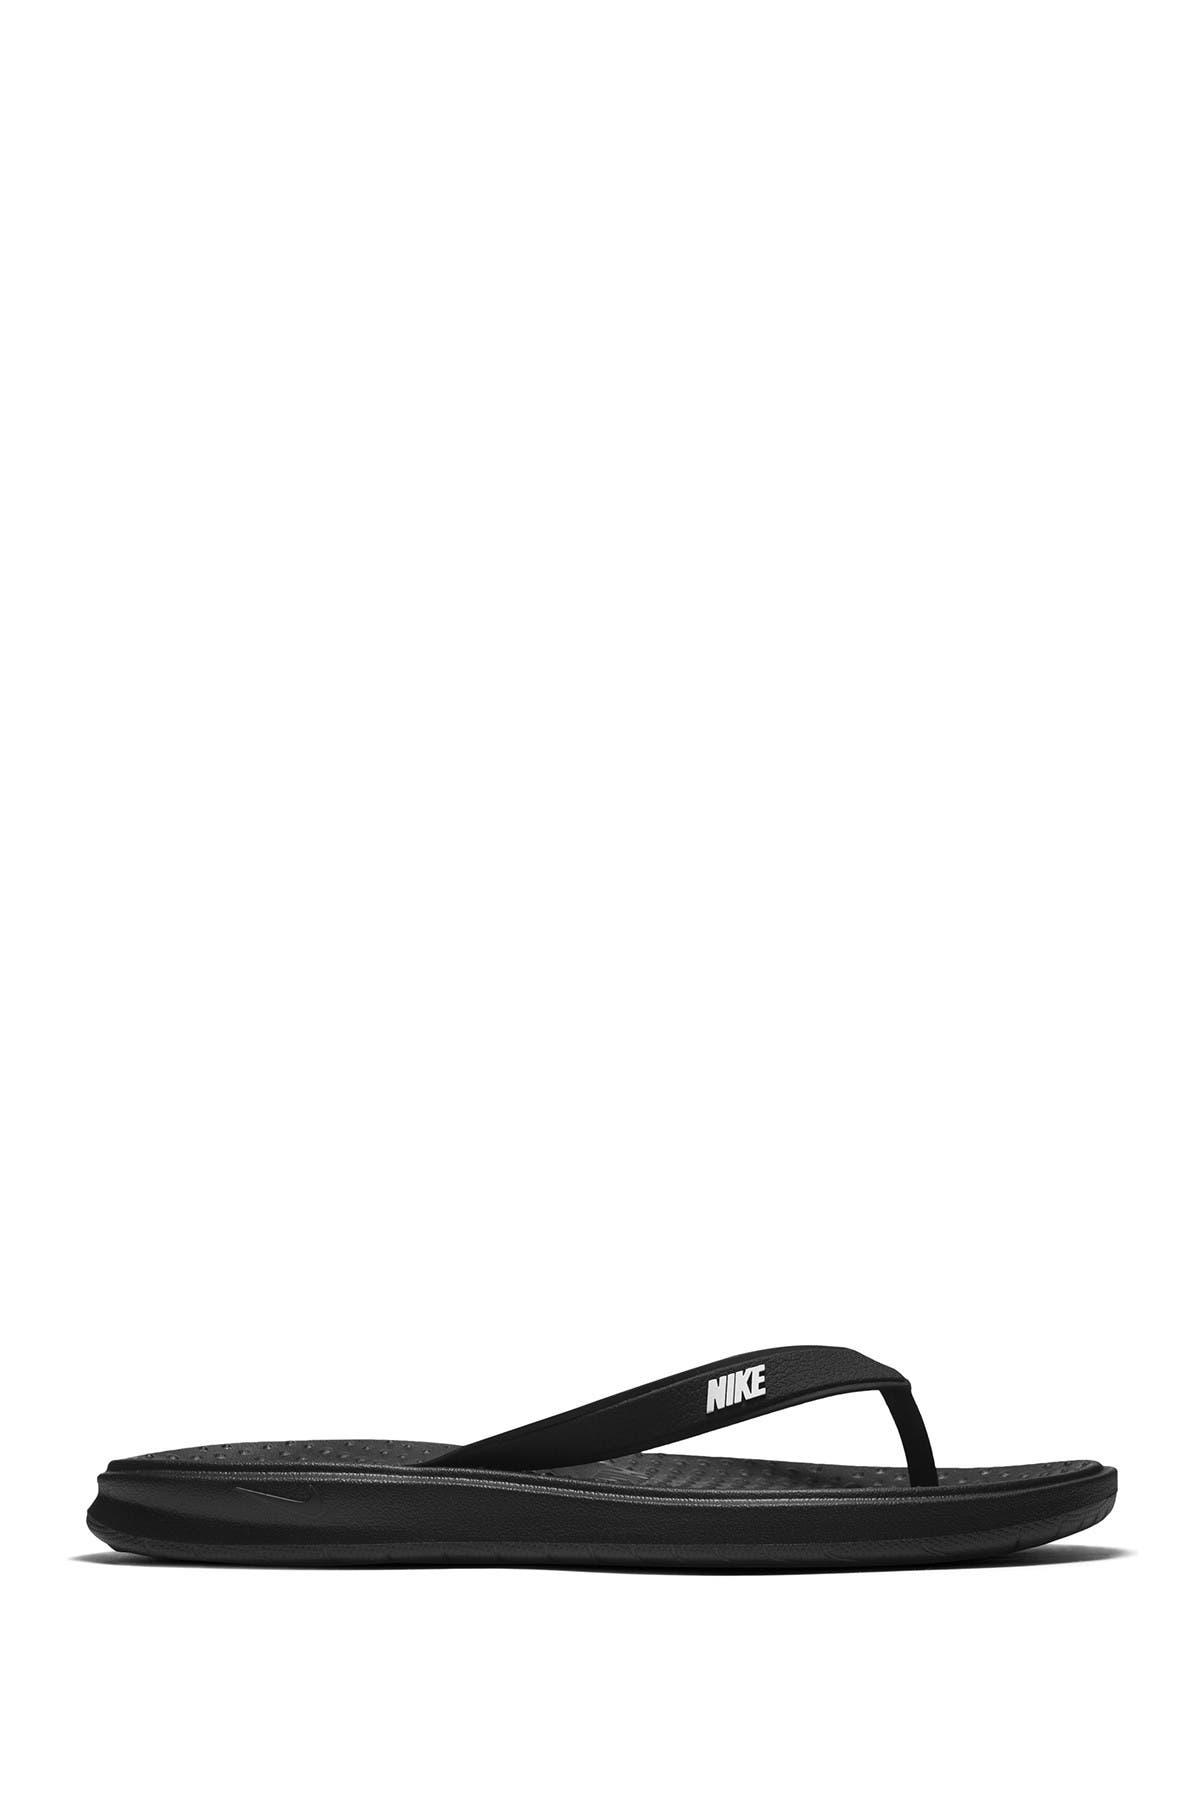 Nike | Solay Flip Flop | Nordstrom Rack